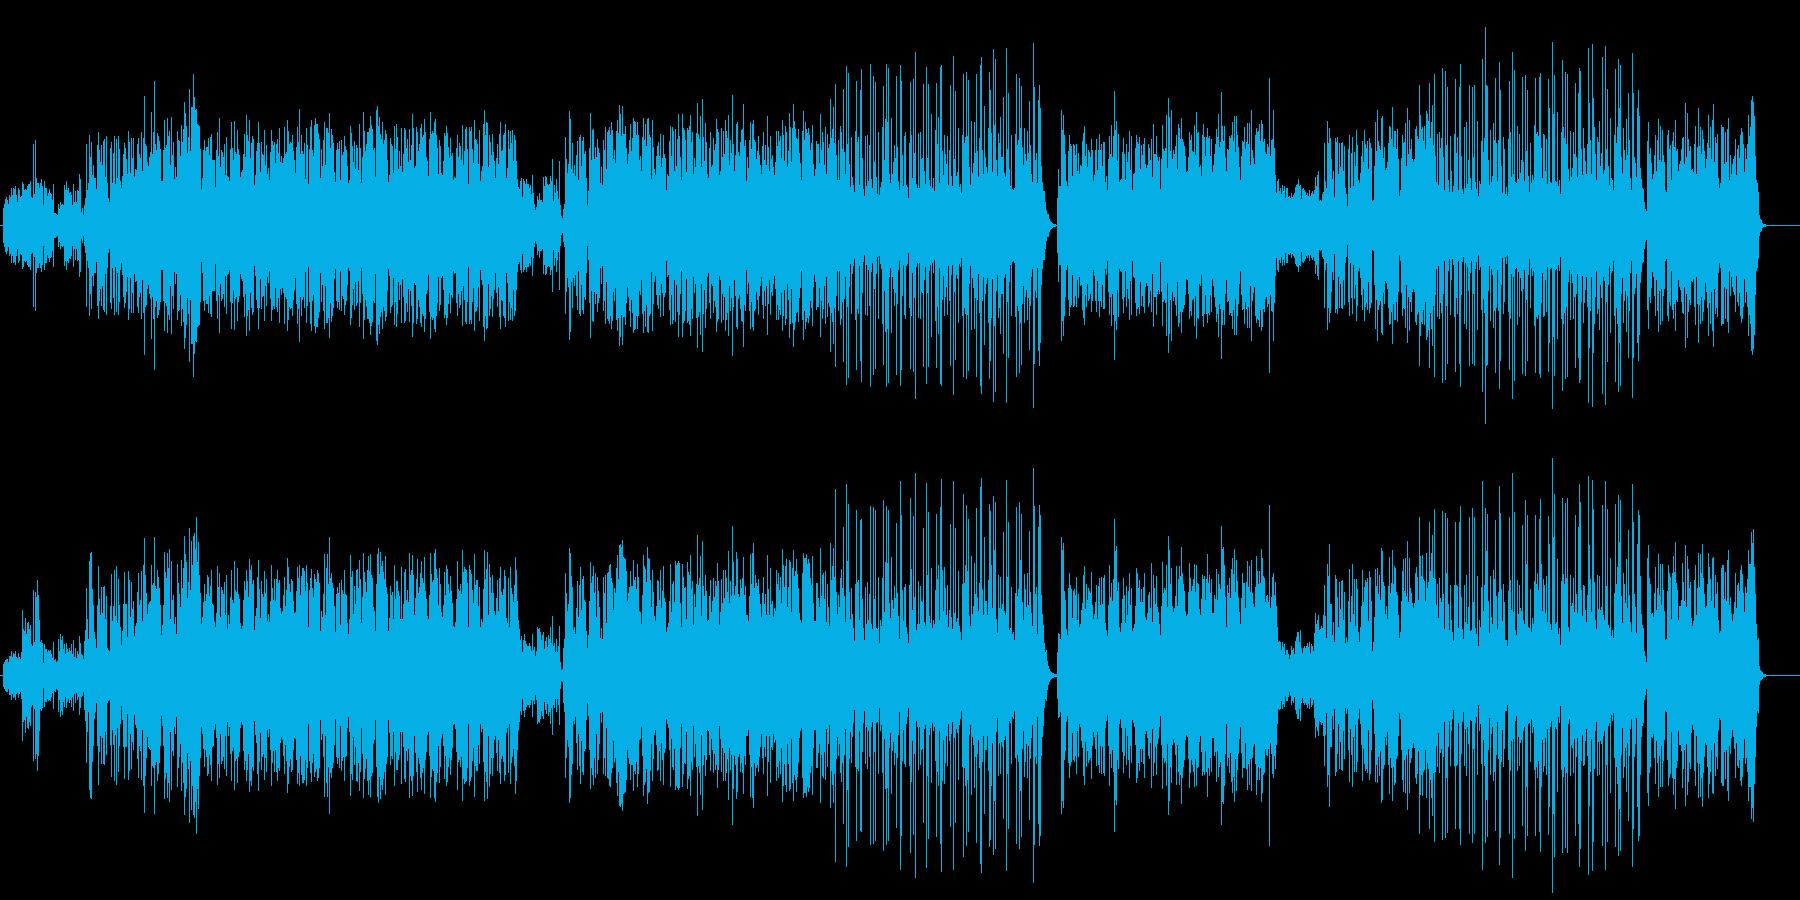 ダンス「JASMENE」の再生済みの波形